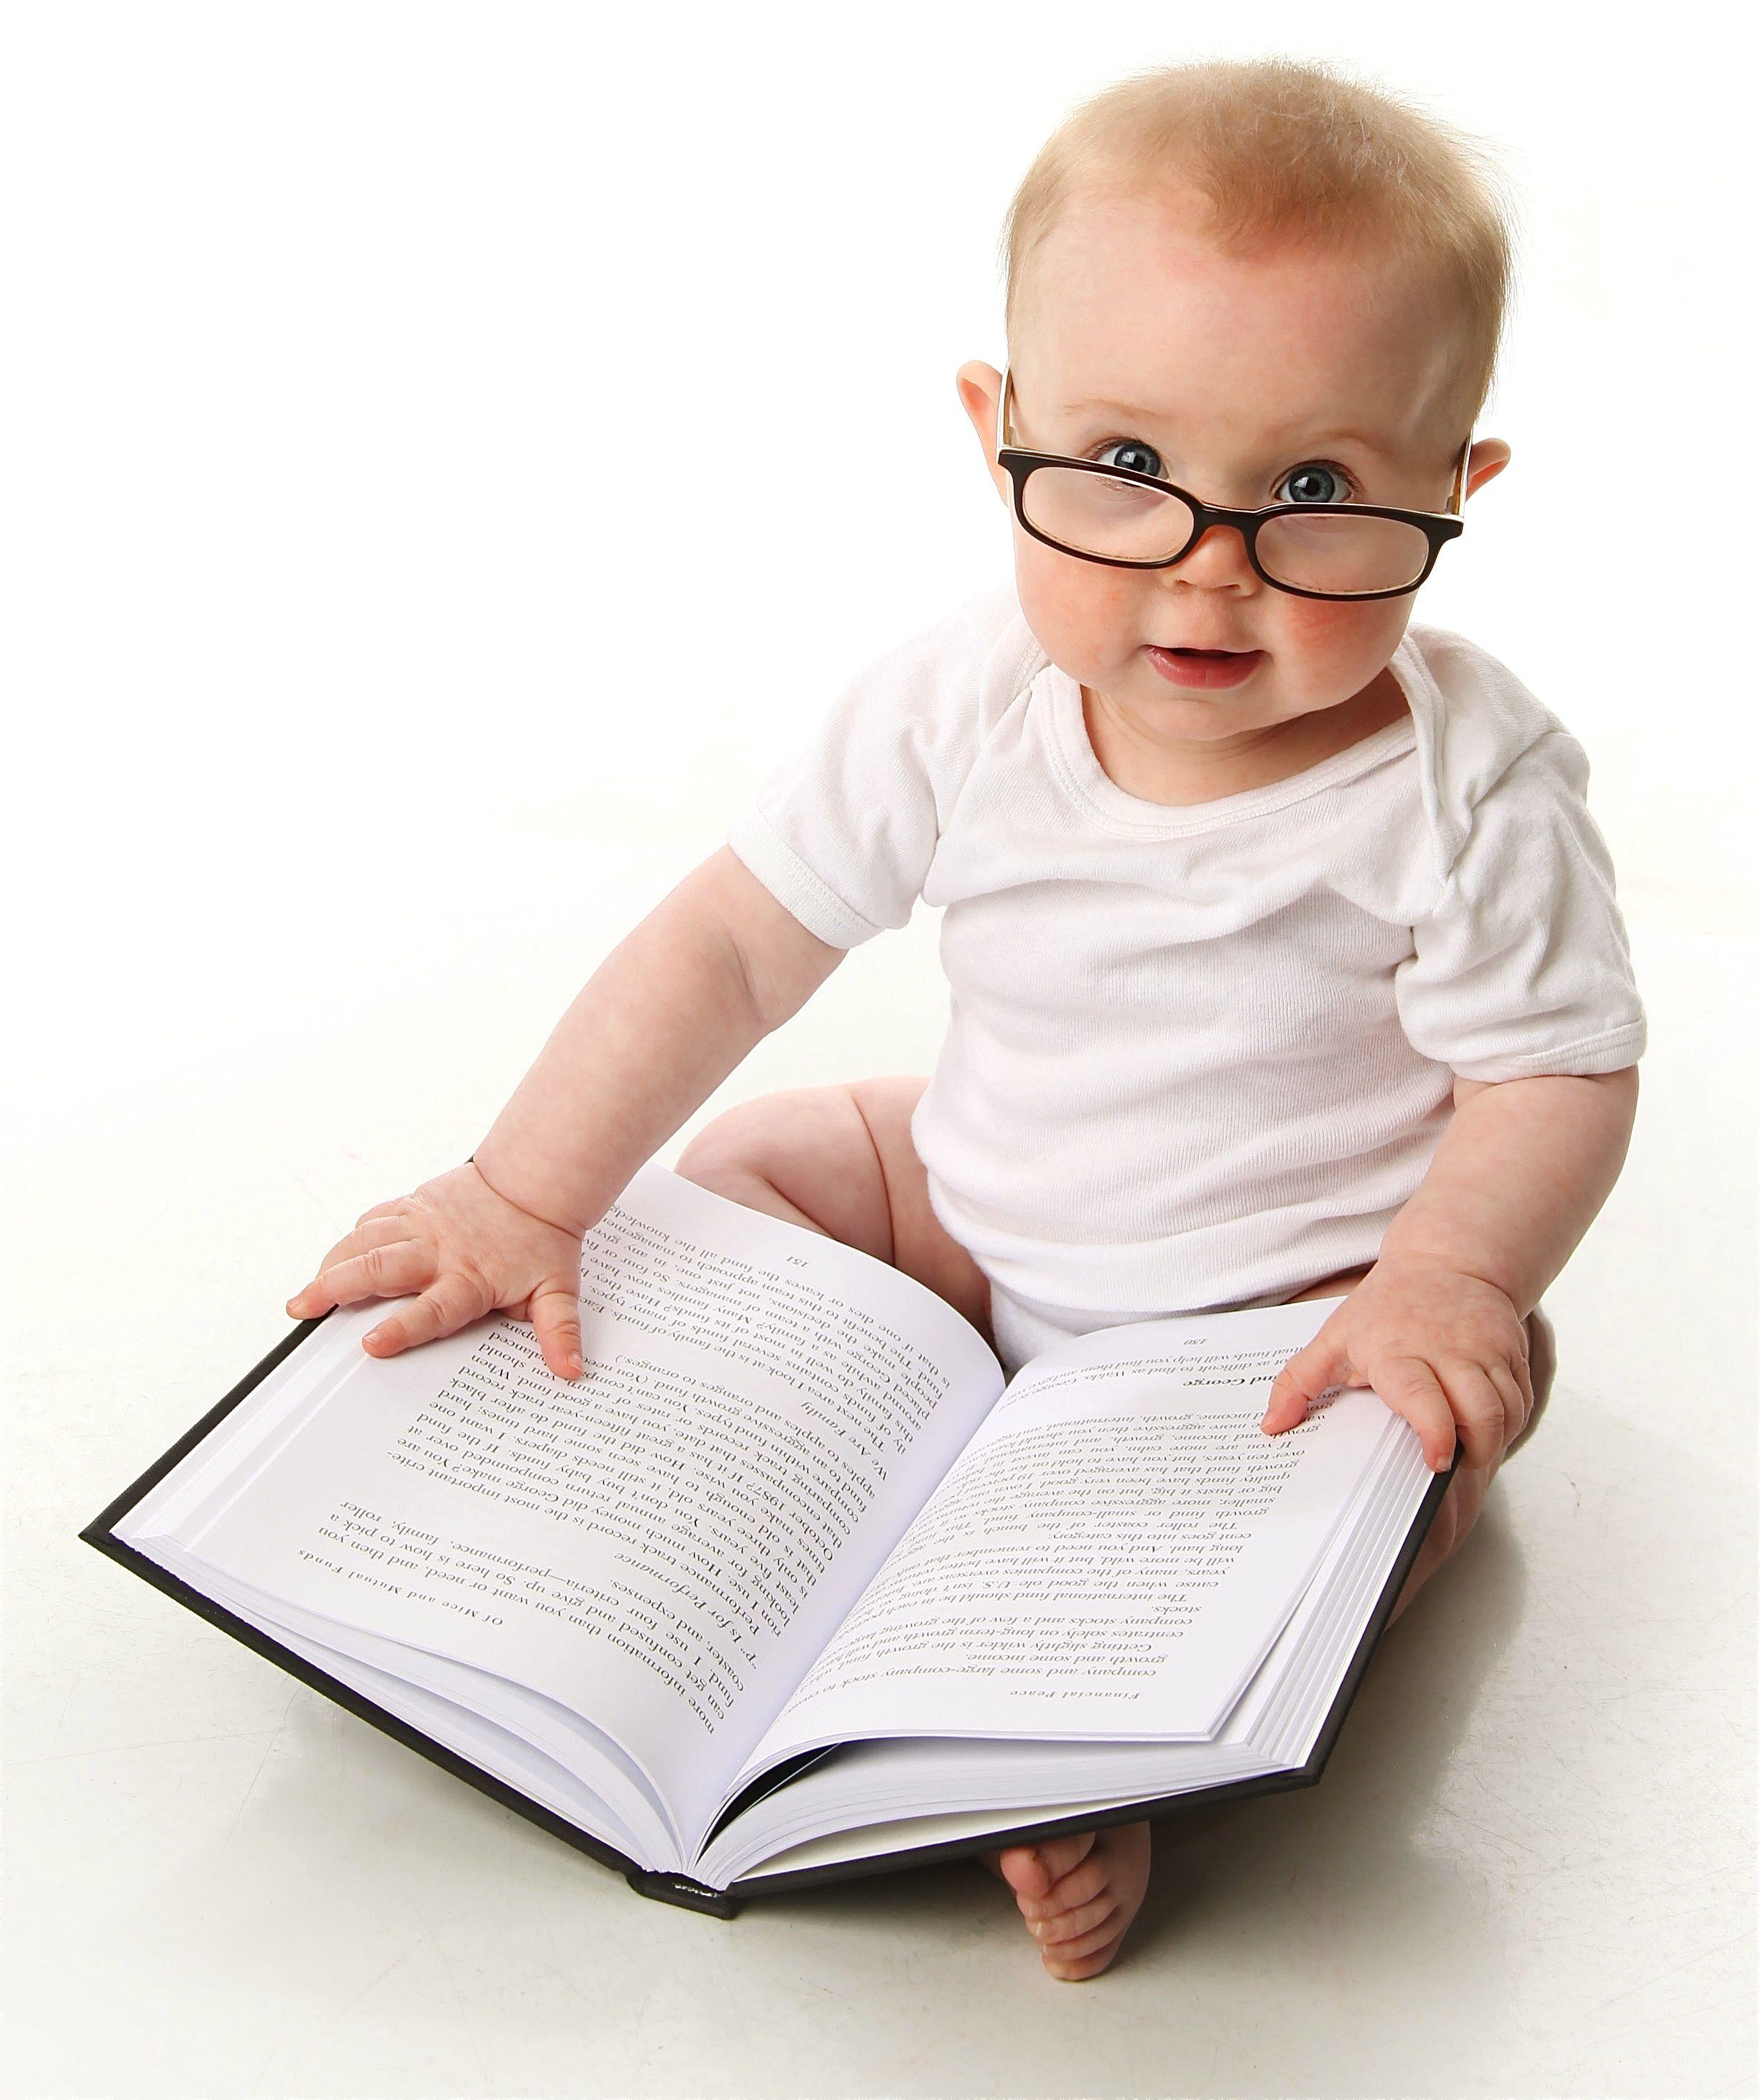 Smart Baby Smart-baby1.jpg